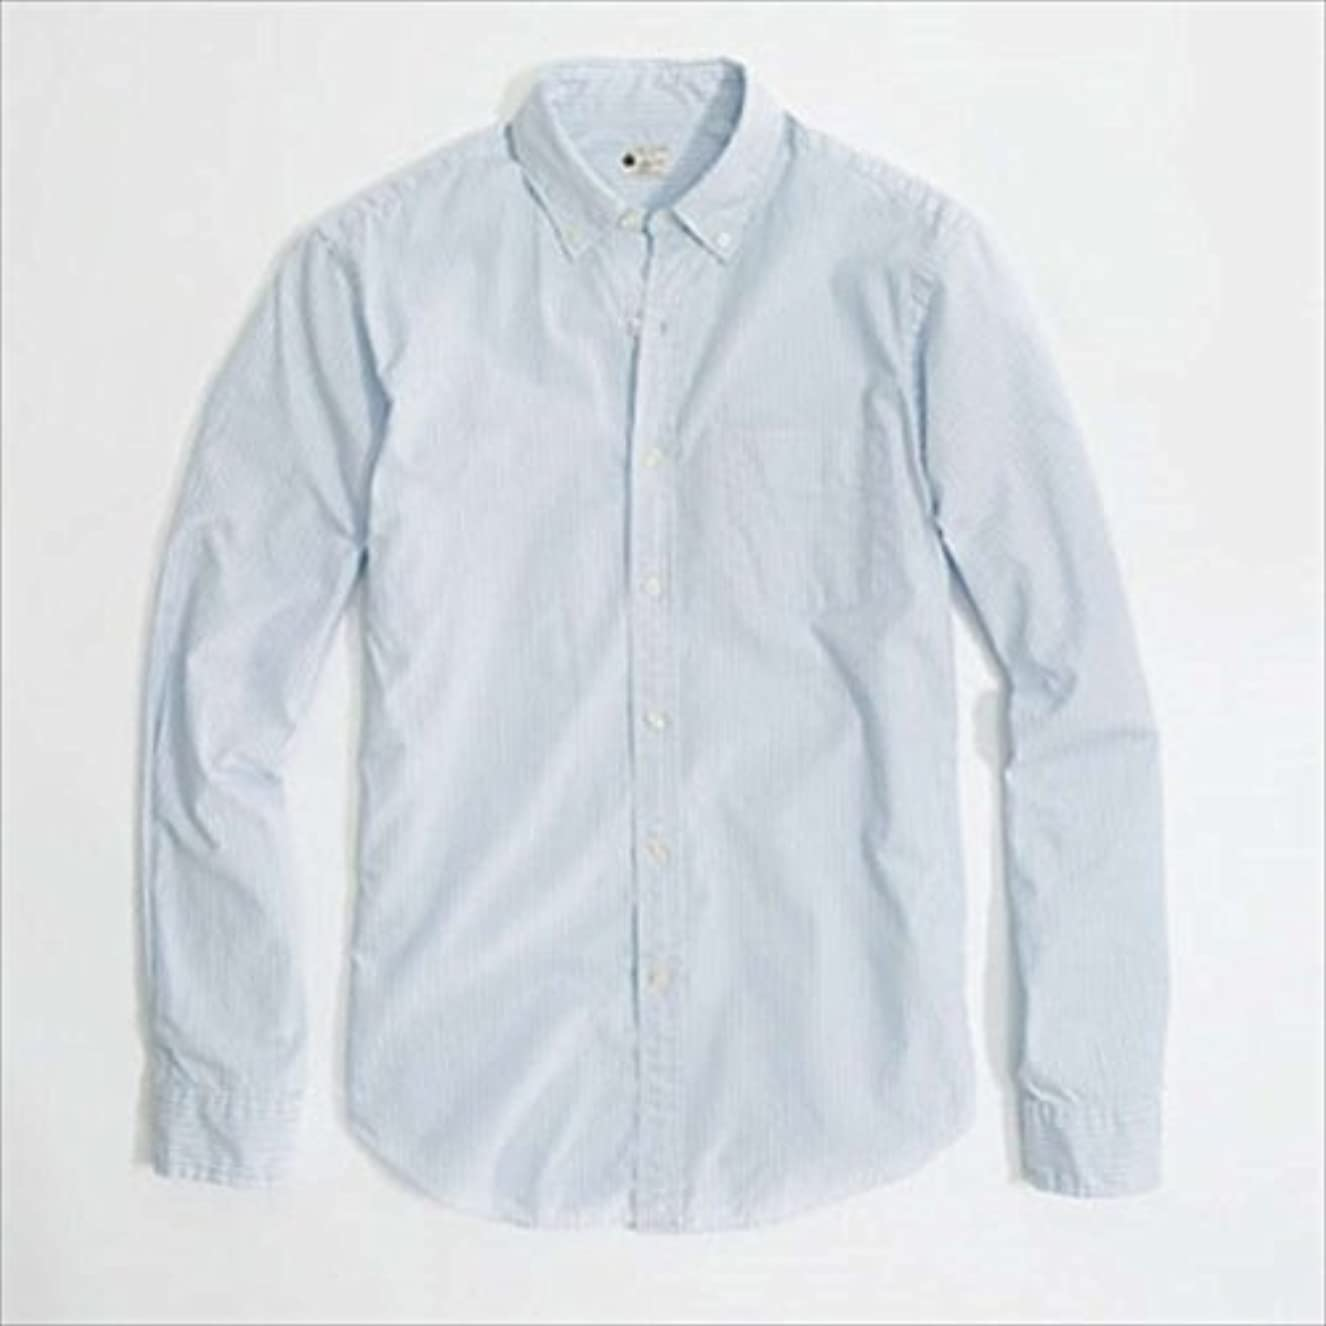 ホップすべき偽[ジェイクルー] J.CREW 正規品 メンズ 長袖BDシャツ SUNWASHED OXFORD SHIRT IN STRIPE 並行輸入品 (コード:4016863832)